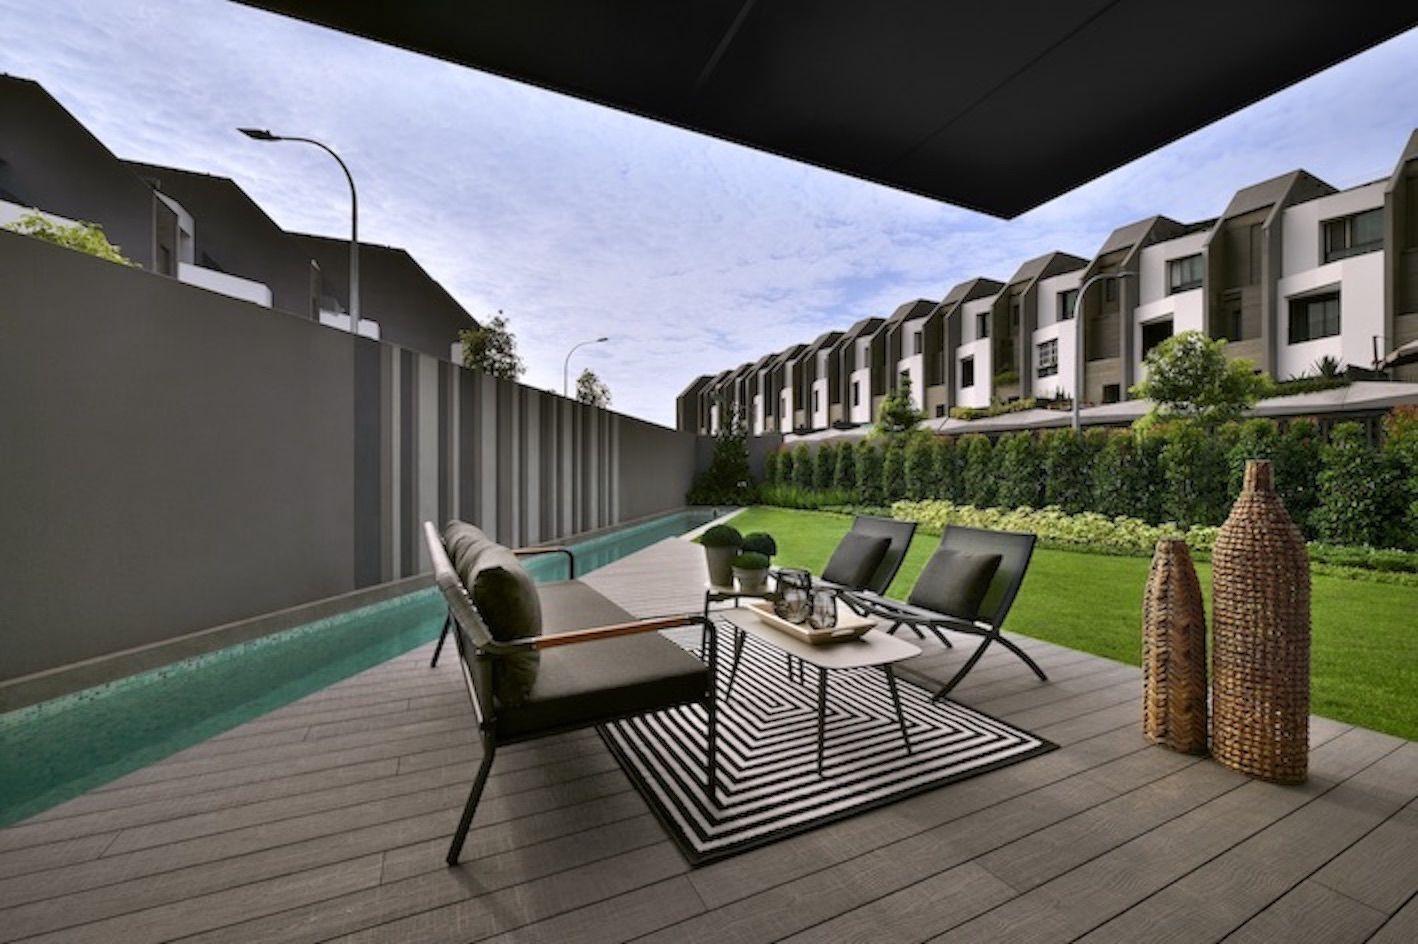 Bukit-Sembawang-Nim-Terrace - EDGEPROP SINGAPORE